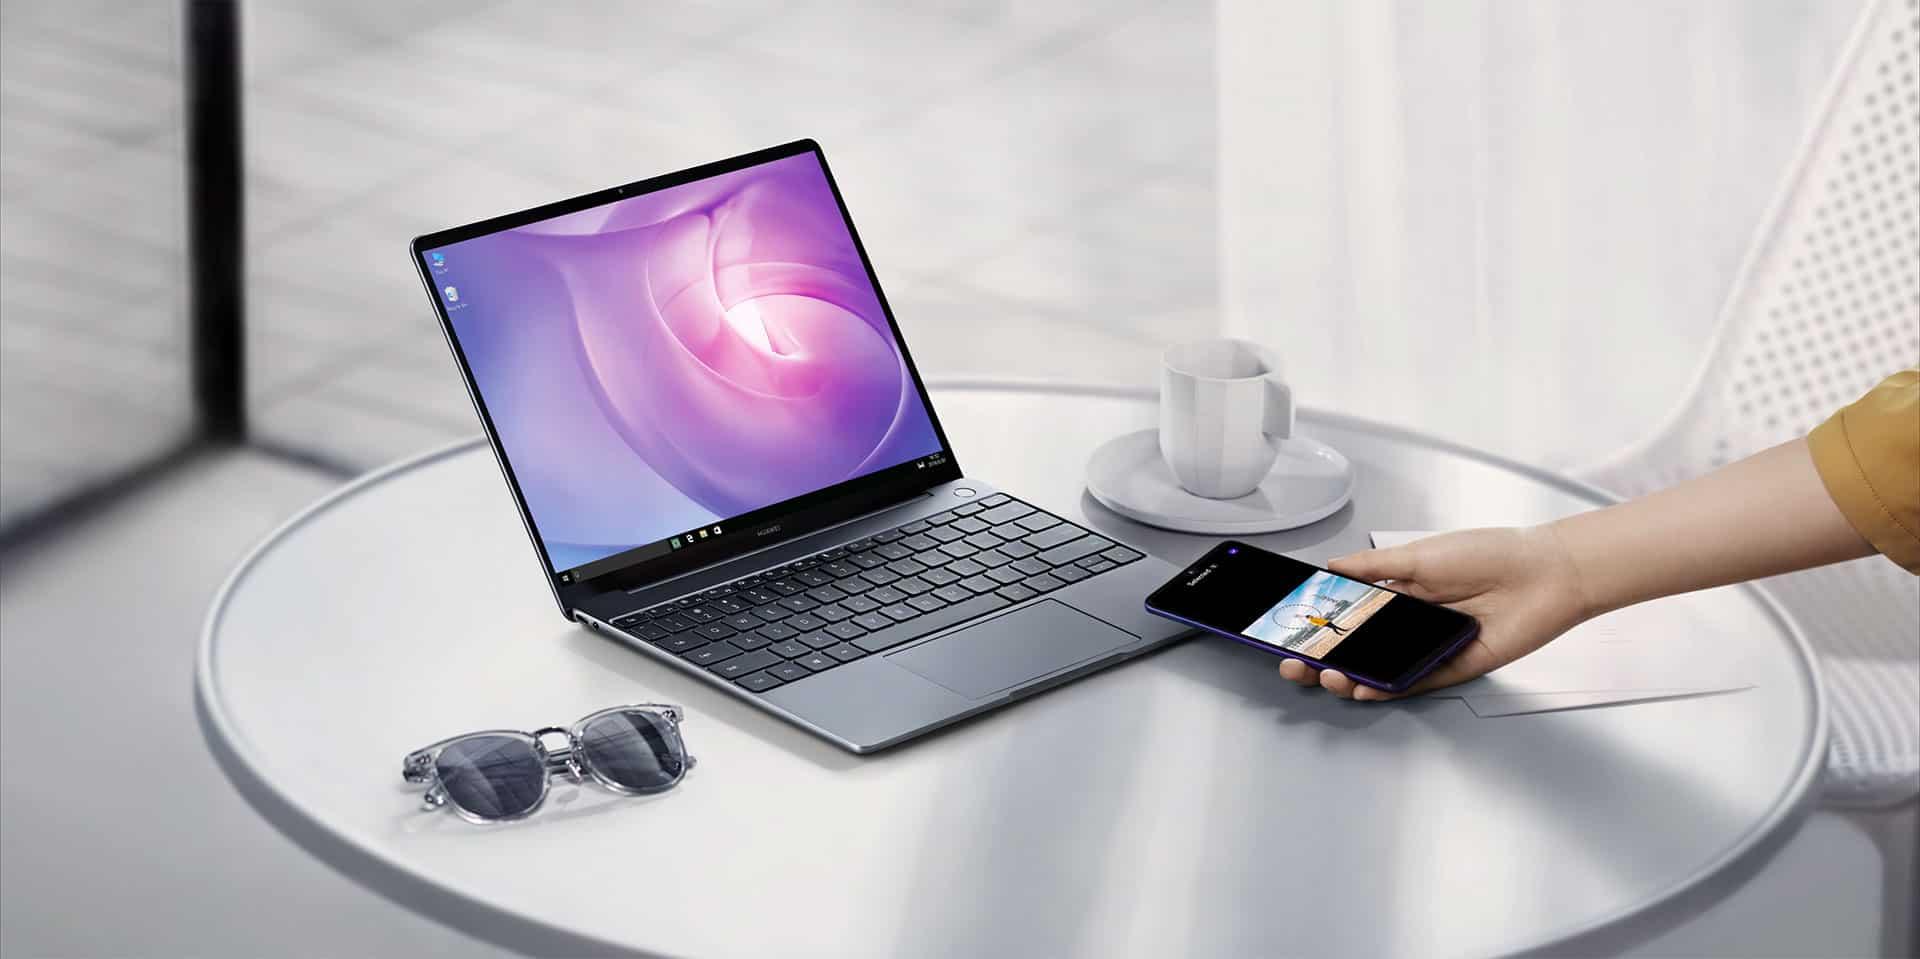 Huawei İlk Masaüstü Bilgisayarını Piyasaya Sürmeye Hazırlanıyor